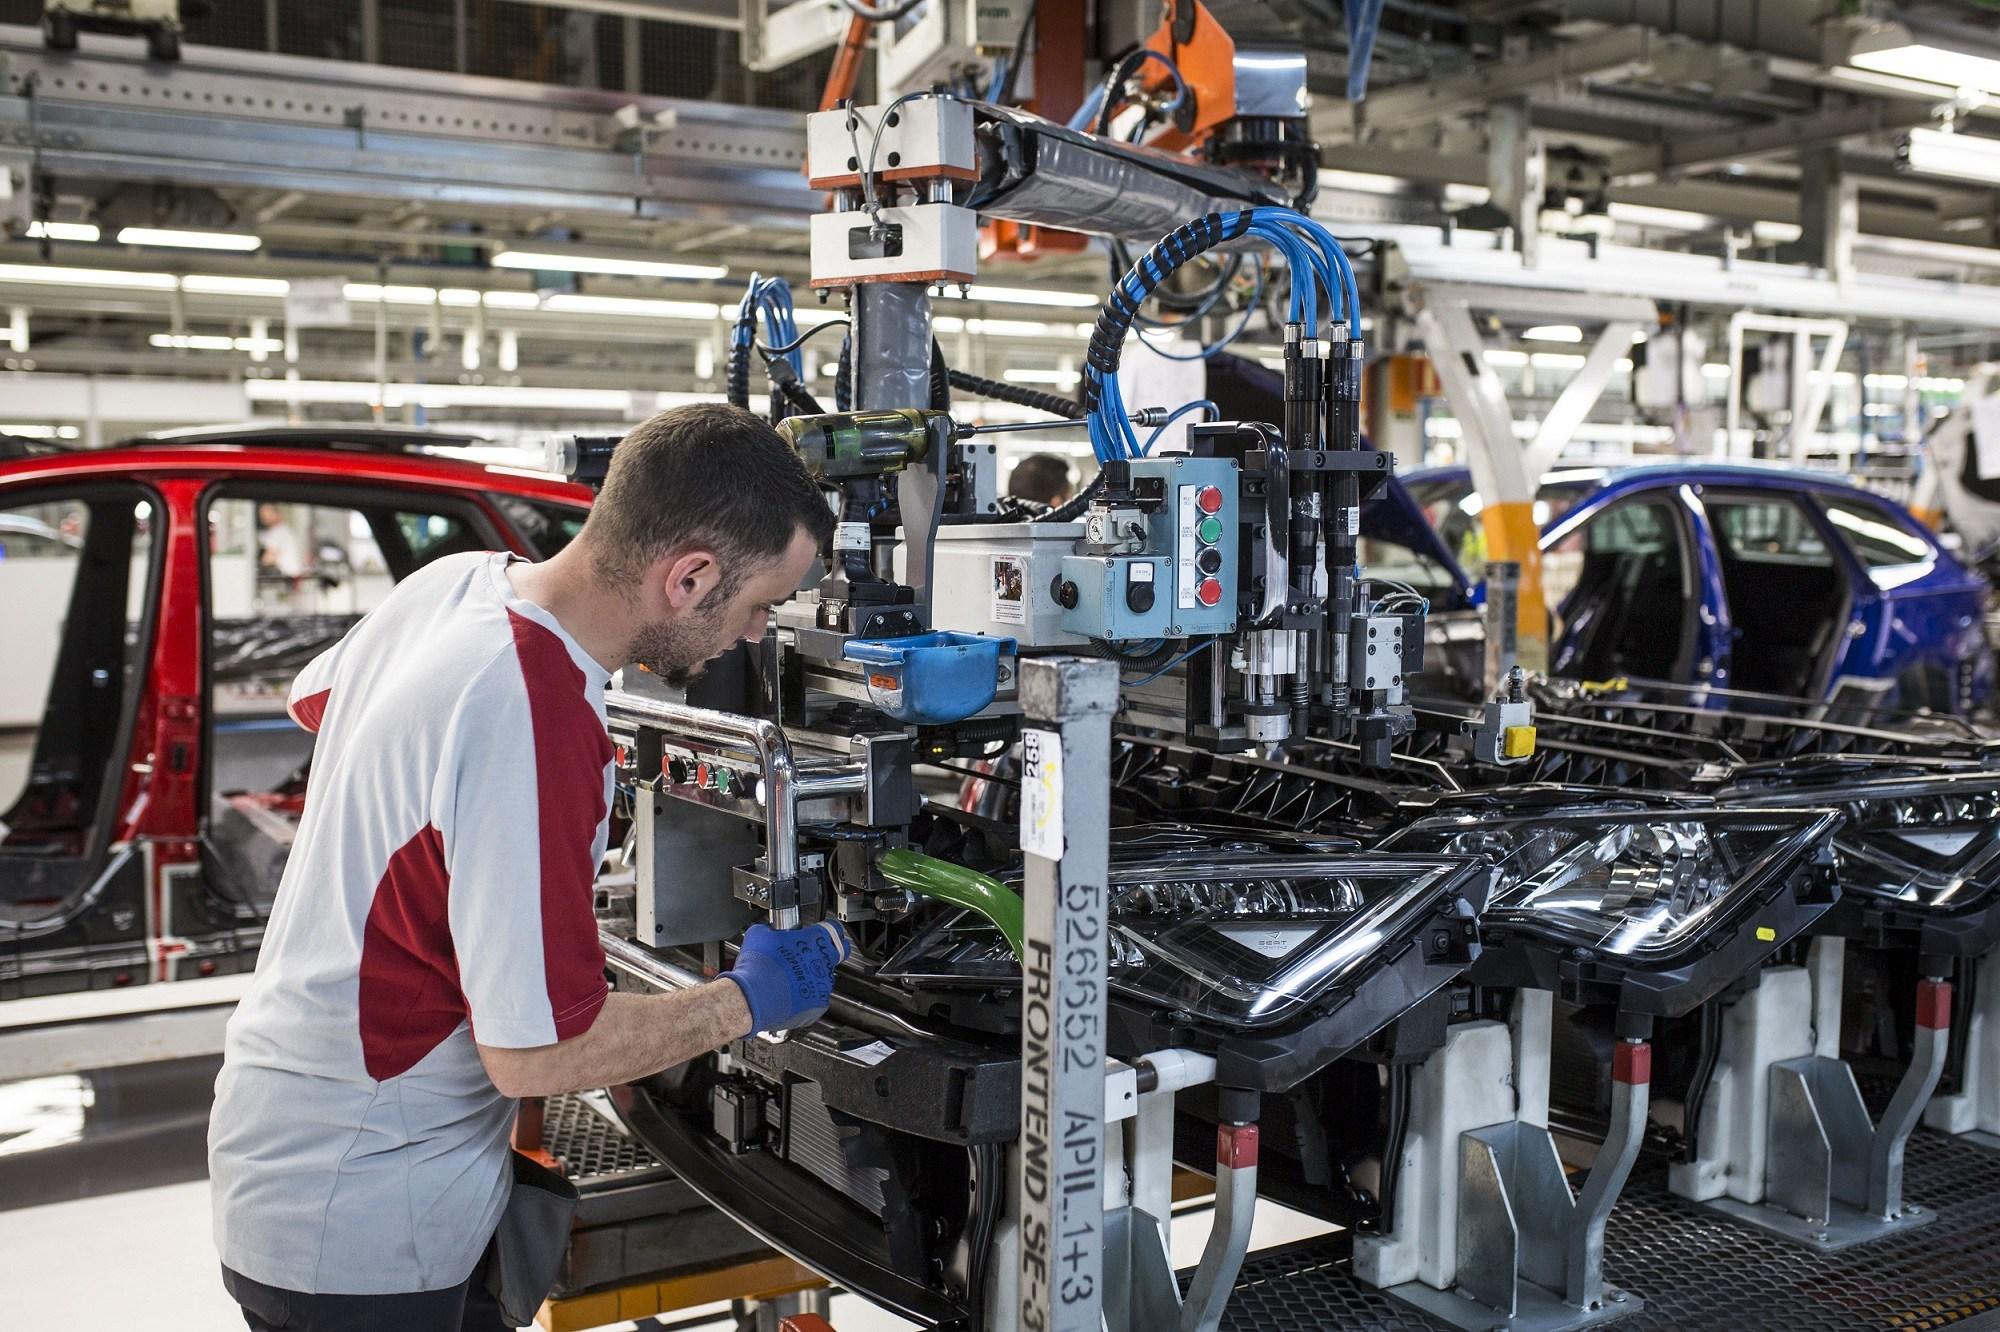 Η SEAT θα προσλάβει 150 νέους υπαλλήλους το 2018